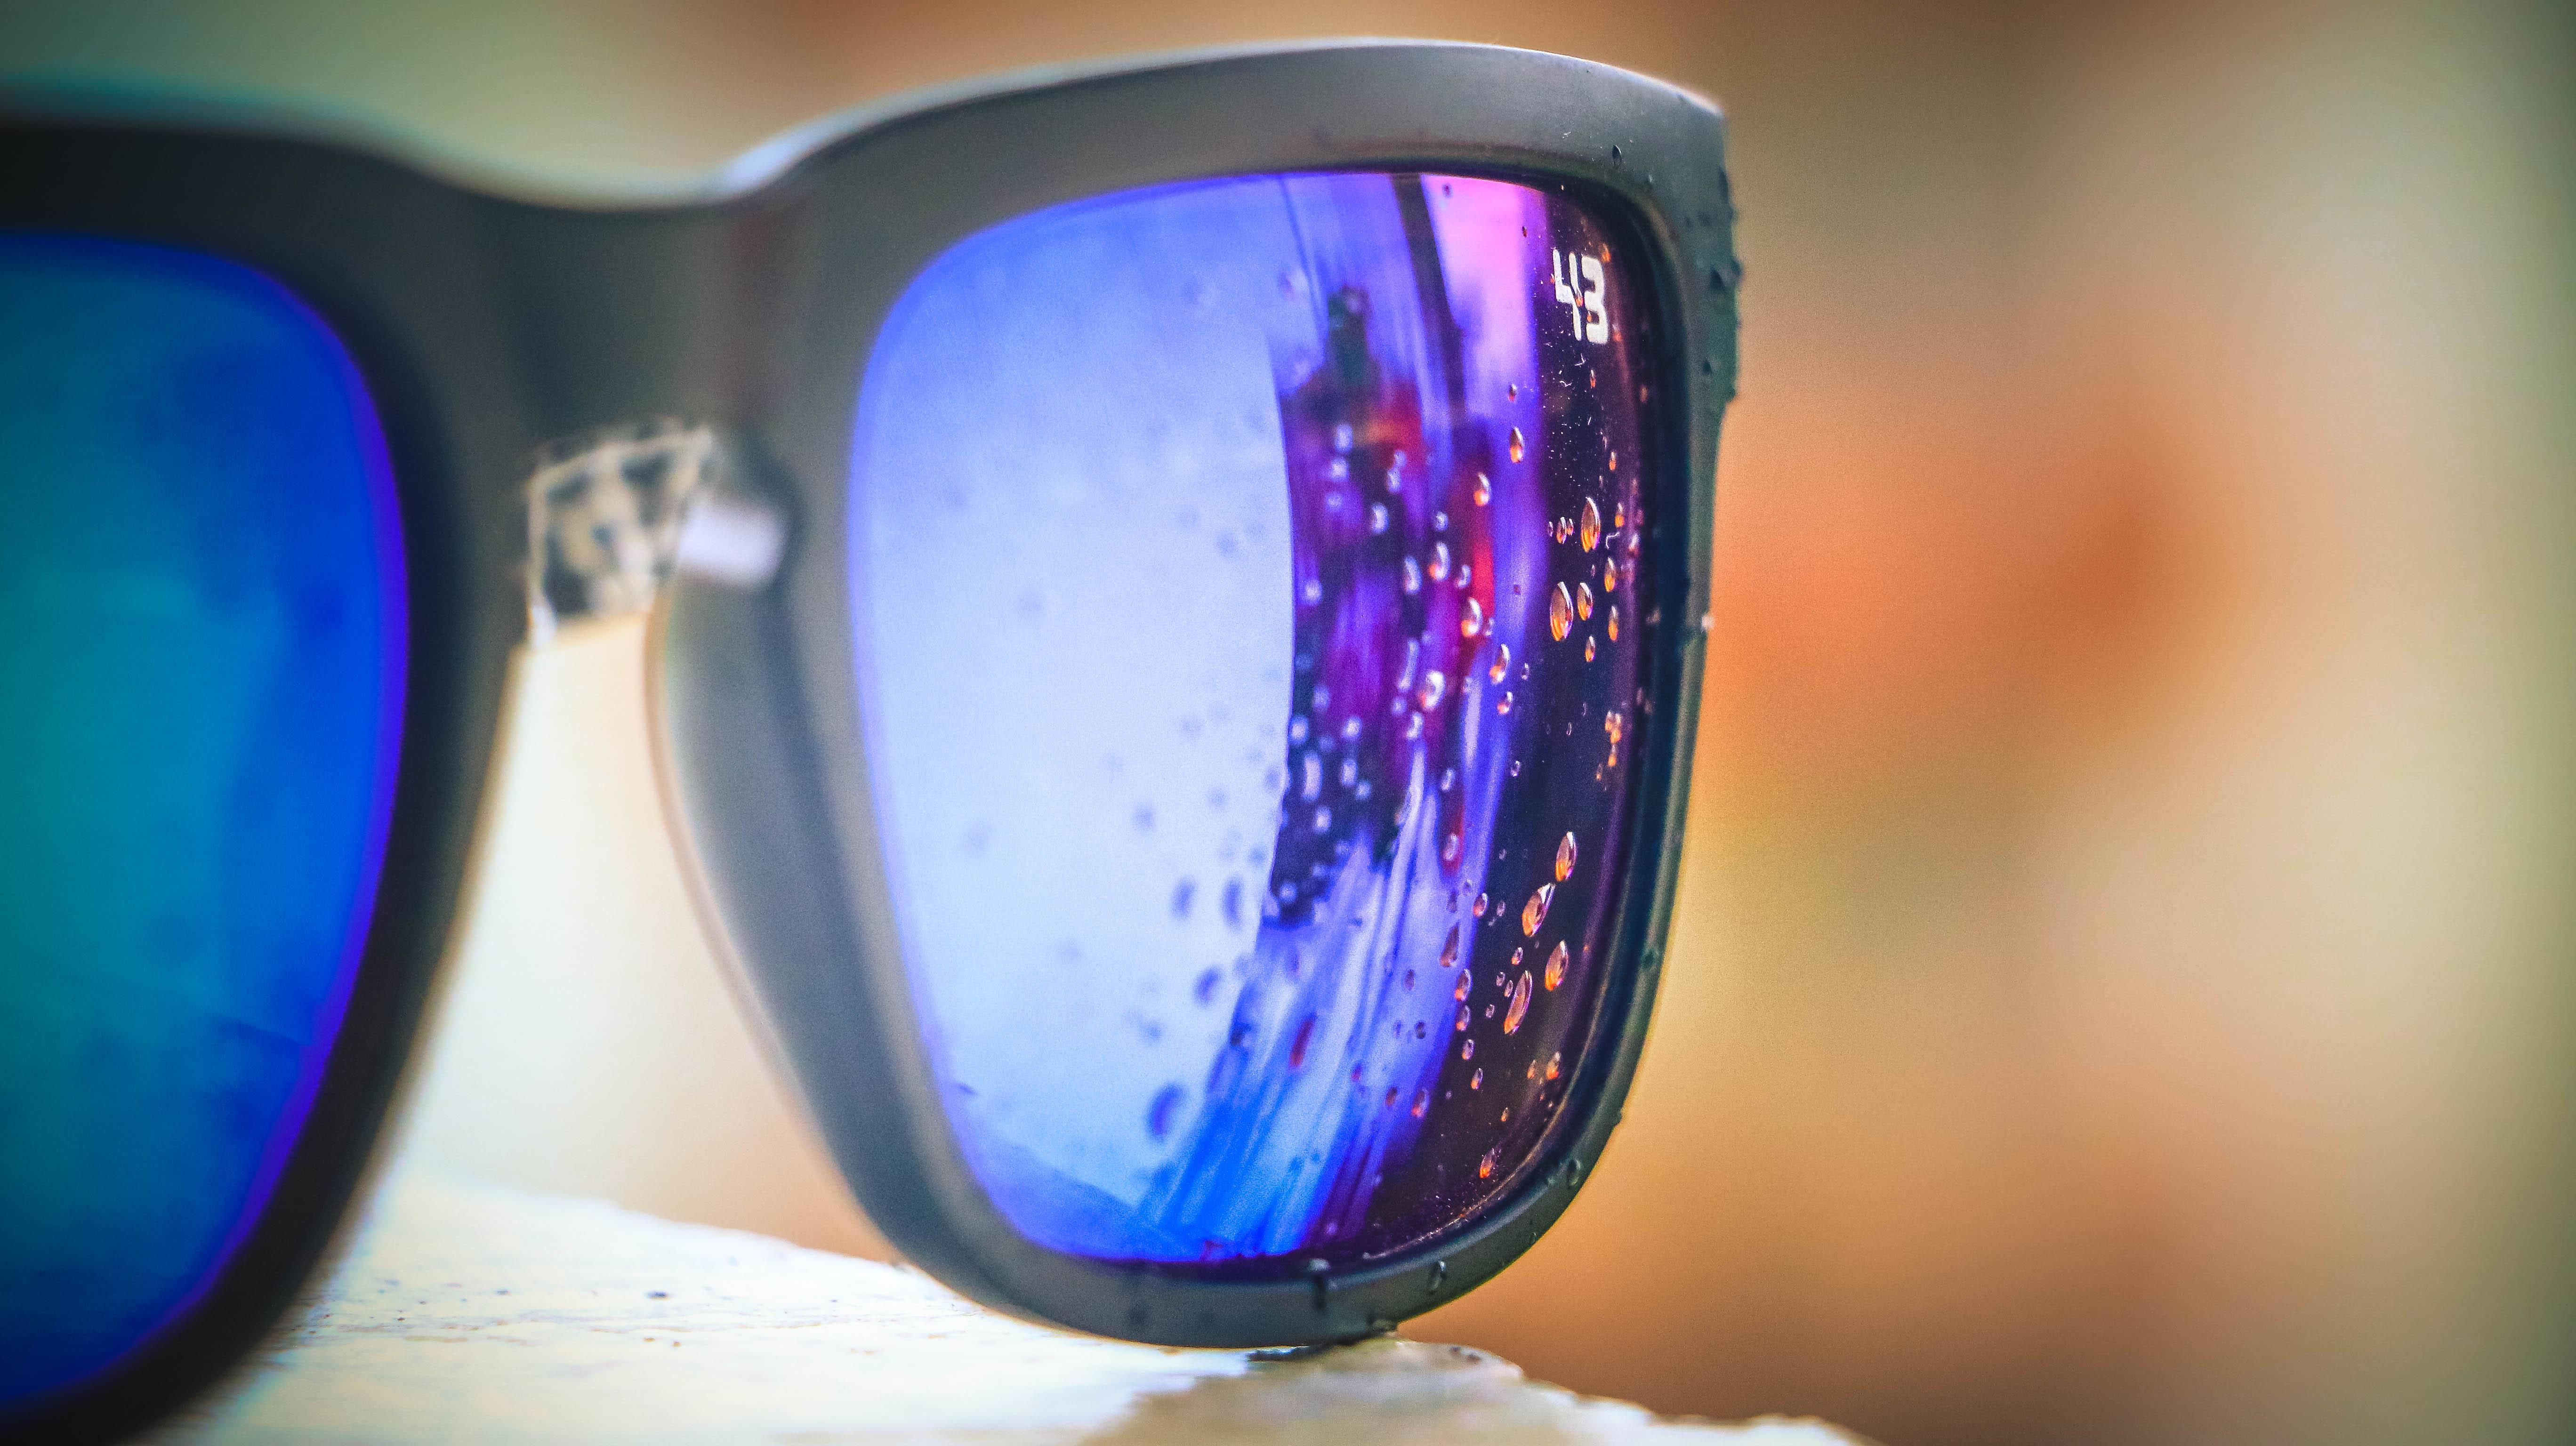 Exteme Glare Sunglasses by Zurich International